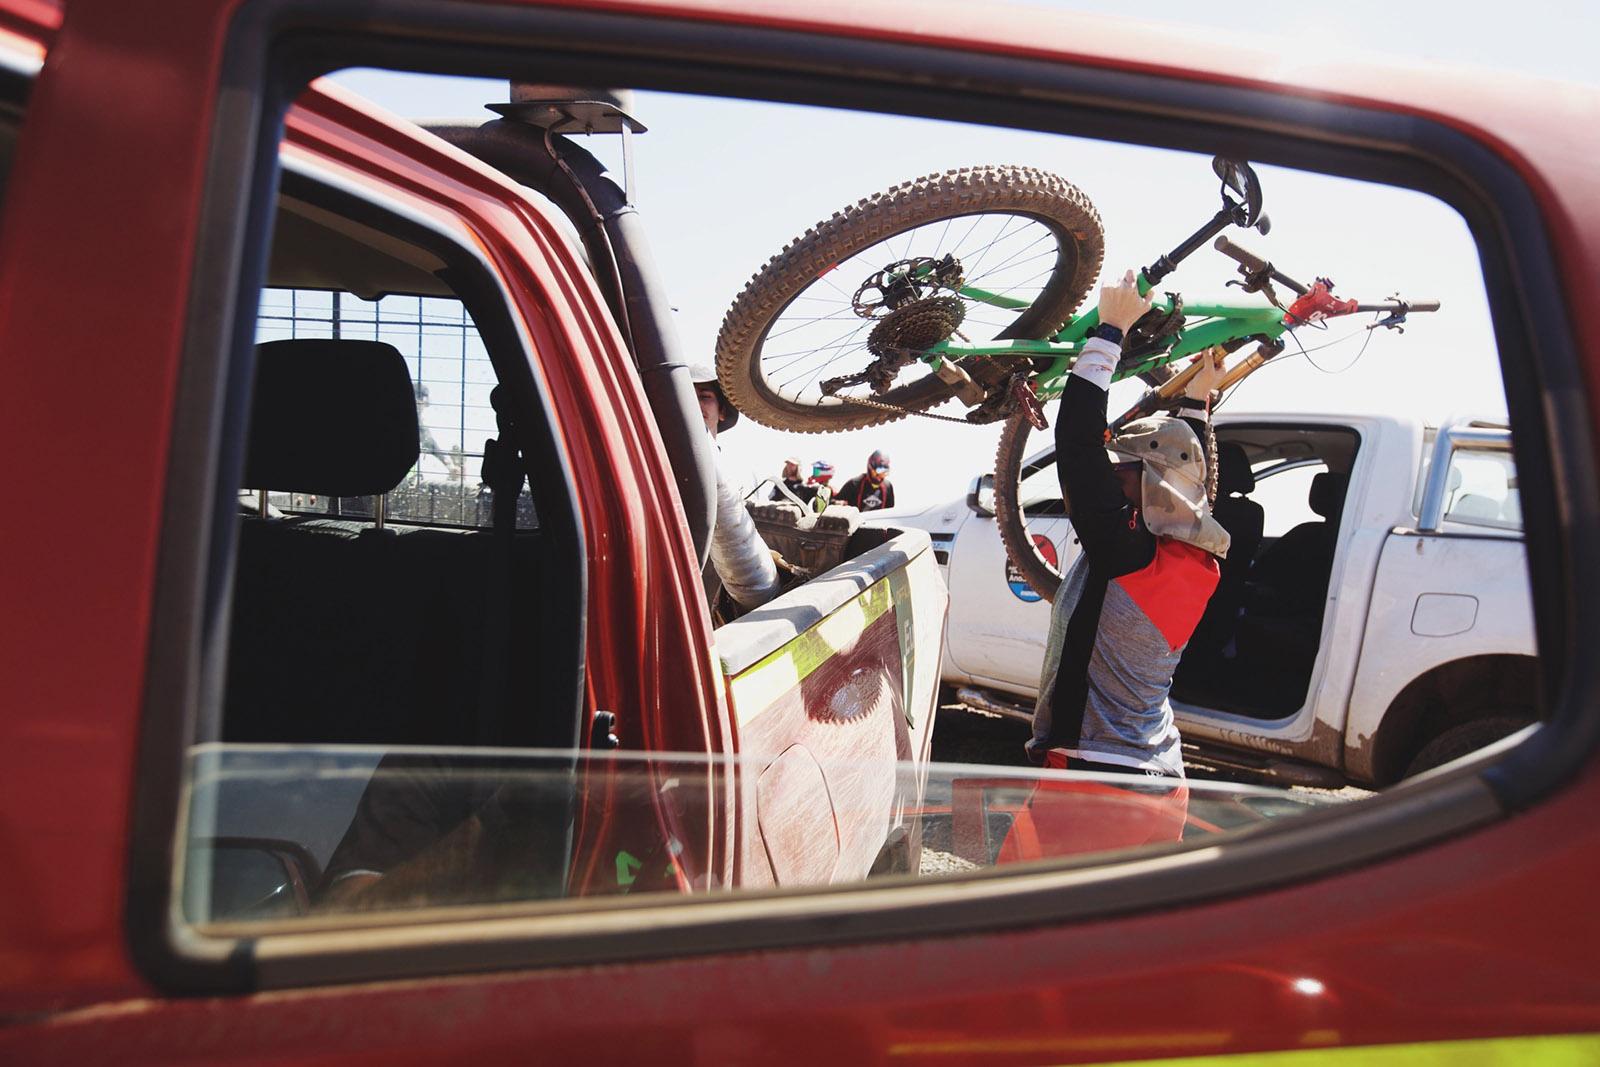 Santa Cruz Bicycles - Jaime Hill's Juliana Strega at Andes Pacifico